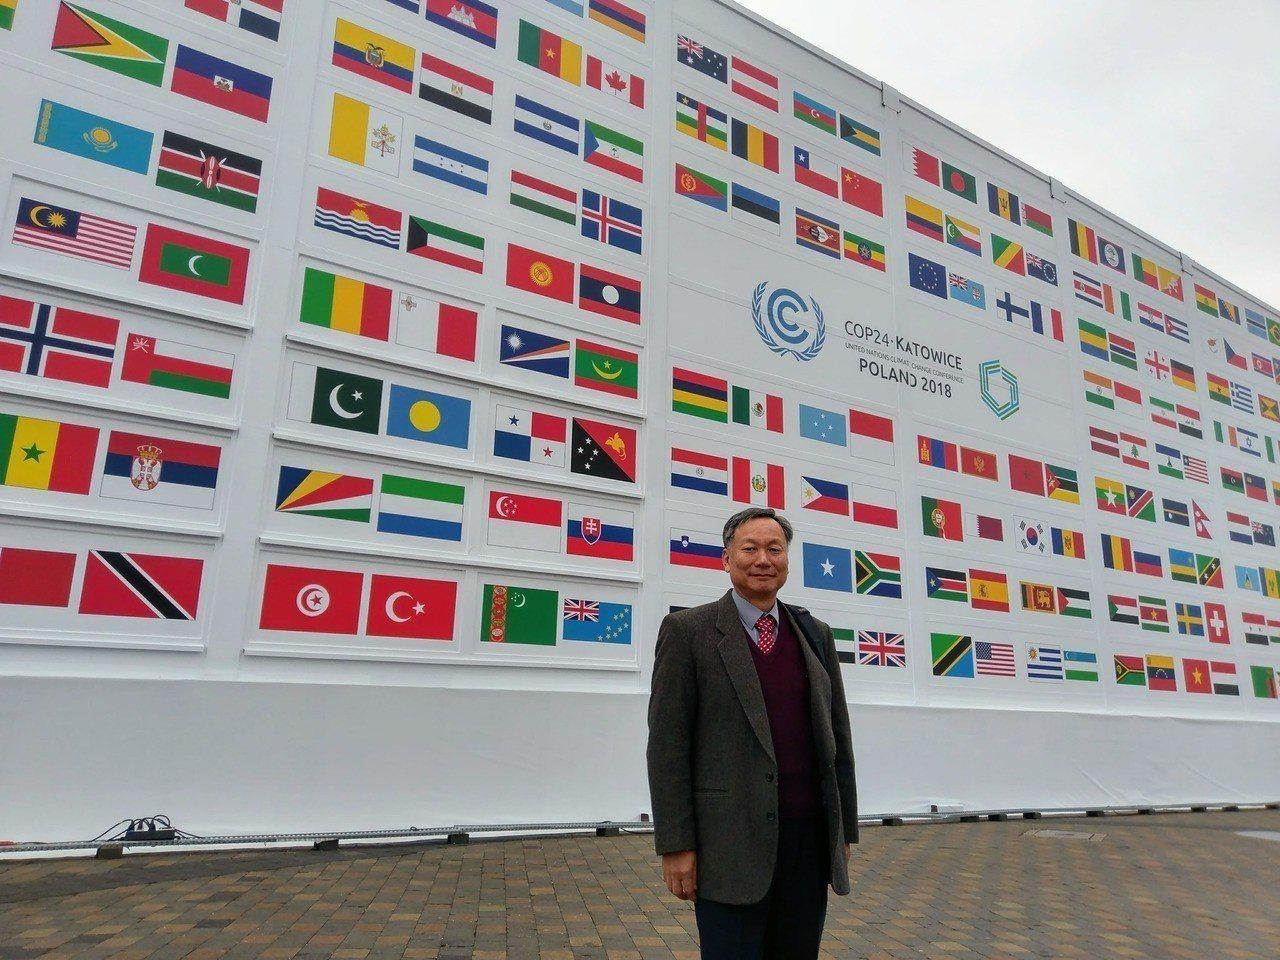 中央氣象局副局長鄭明典赴波蘭參加聯合國氣候峰會。圖/鄭明典提供